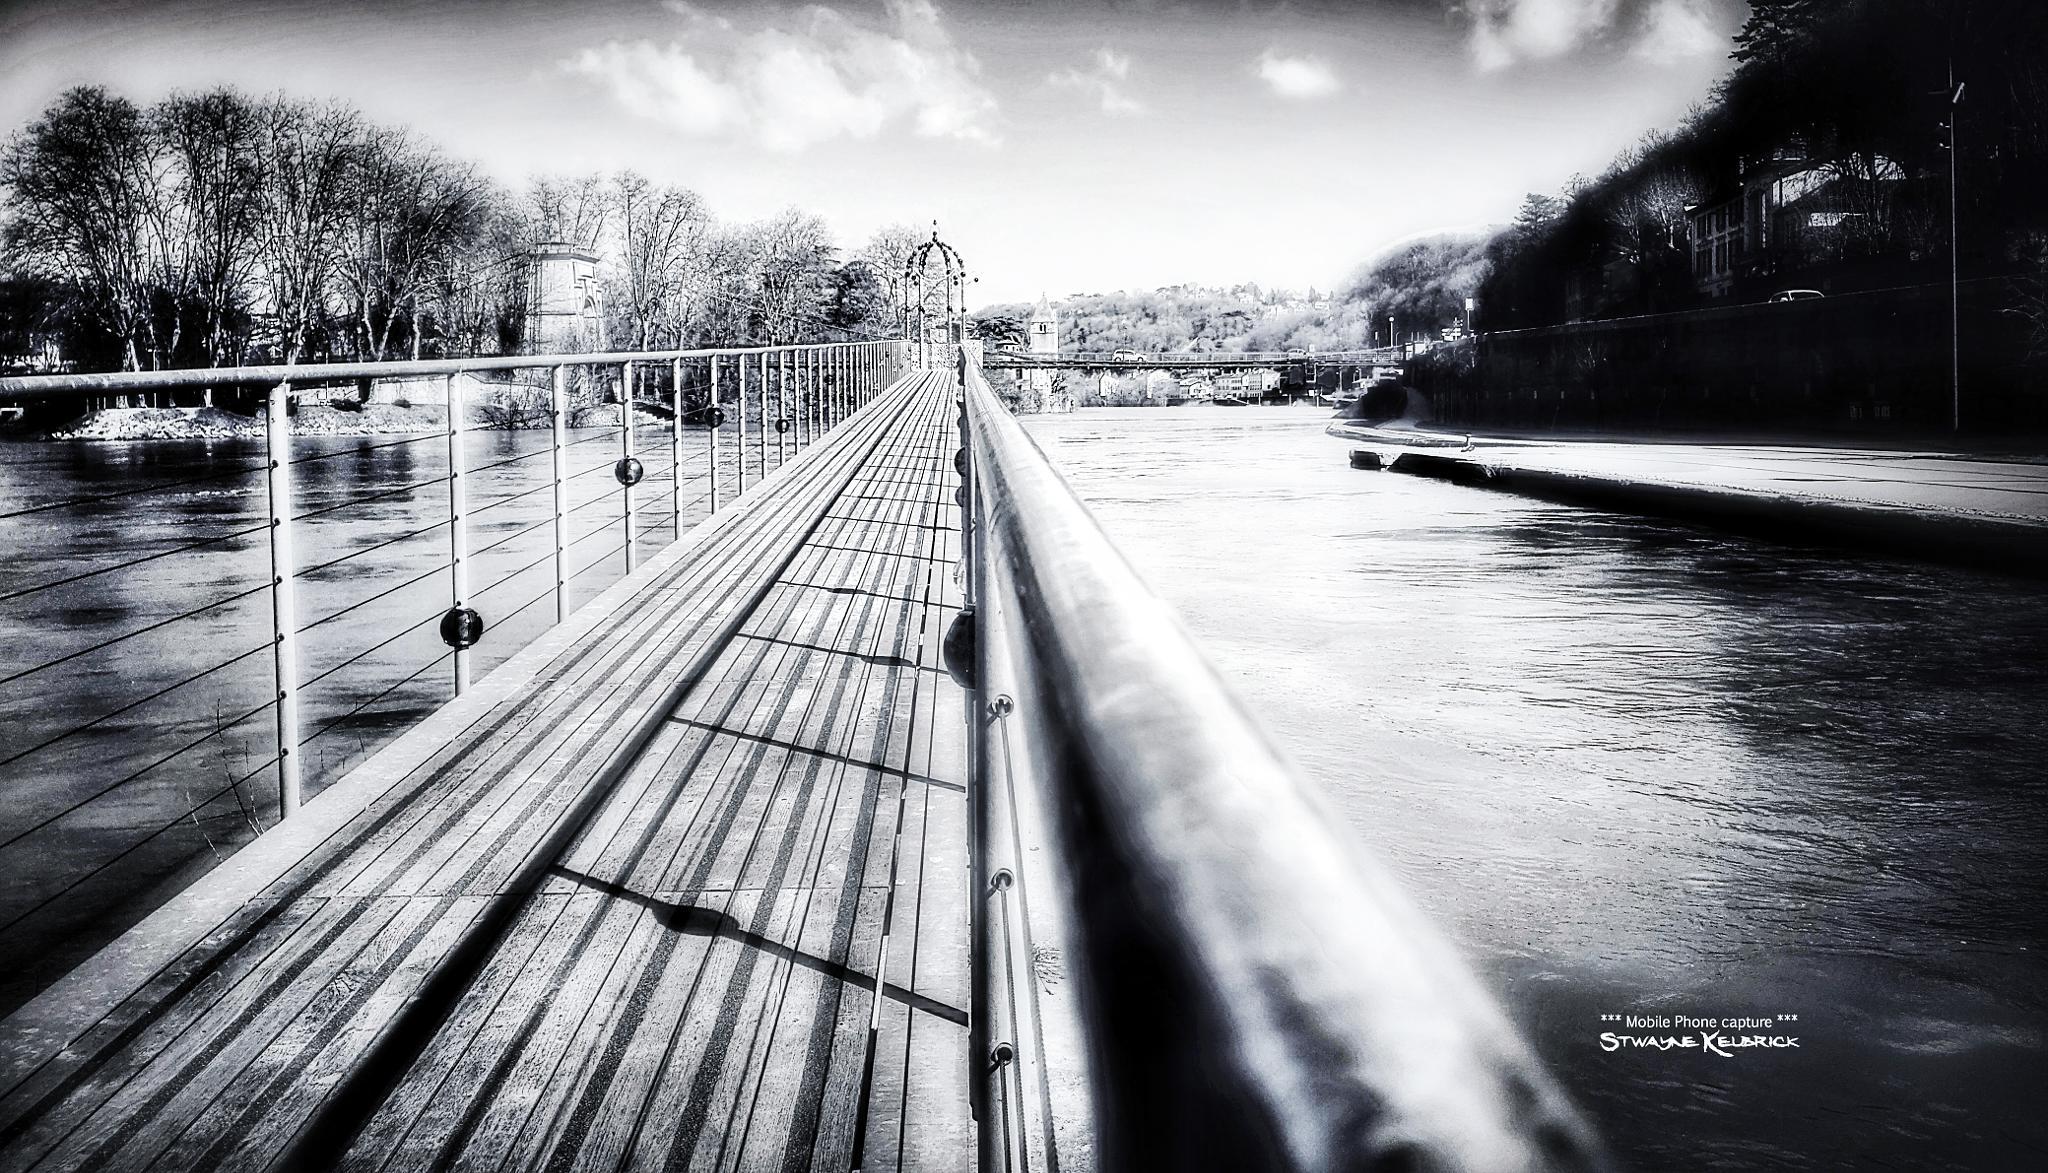 The endless bridge by Stwayne Keubrick